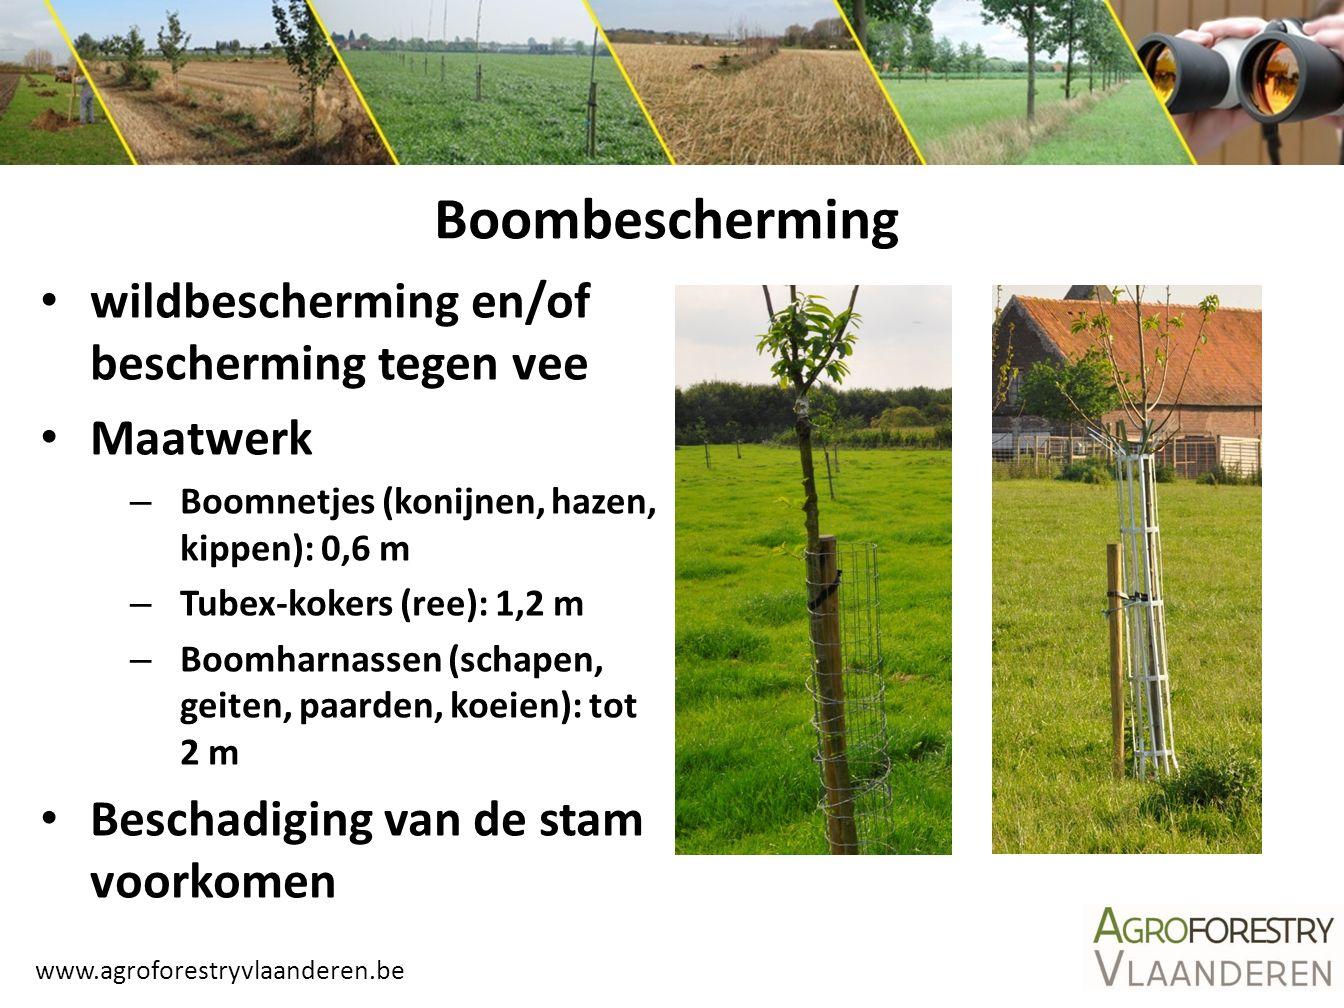 www.agroforestryvlaanderen.be Boombescherming wildbescherming en/of bescherming tegen vee Maatwerk – Boomnetjes (konijnen, hazen, kippen): 0,6 m – Tub